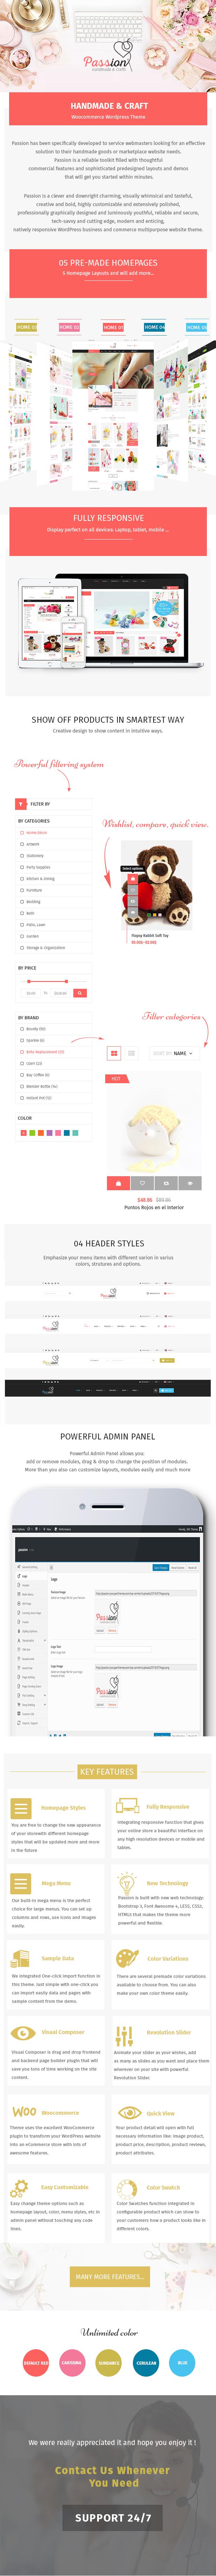 Passion - Handmade & Craft WooCommerce WordPress Theme - 4